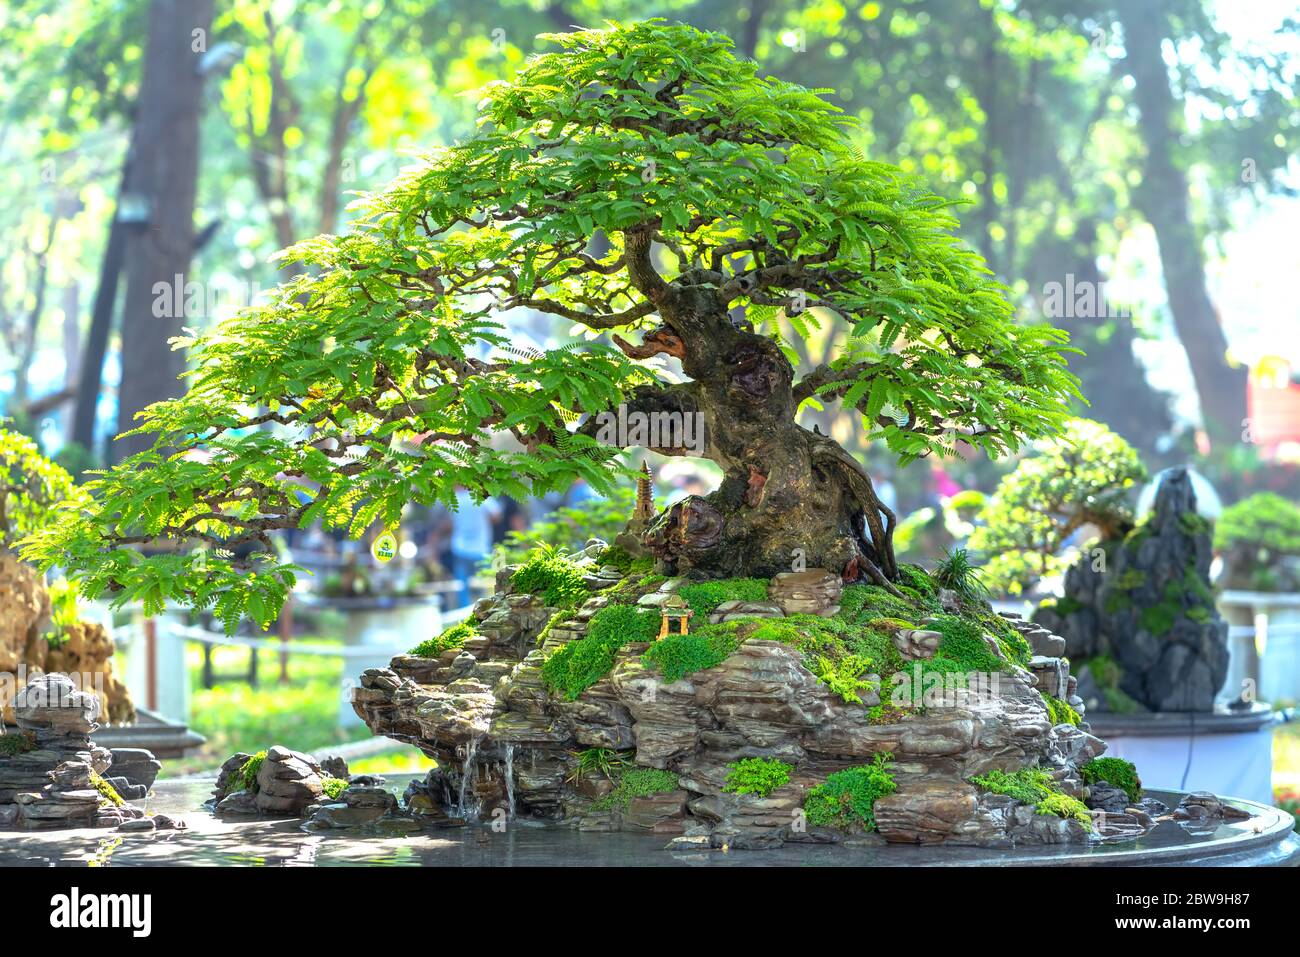 Bonsai y Penjing con miniatura en una bandeja como decir en la vida humana debe ser fuerte aumento, la paciencia superar todos los desafíos para vivir bien y útil a. Foto de stock